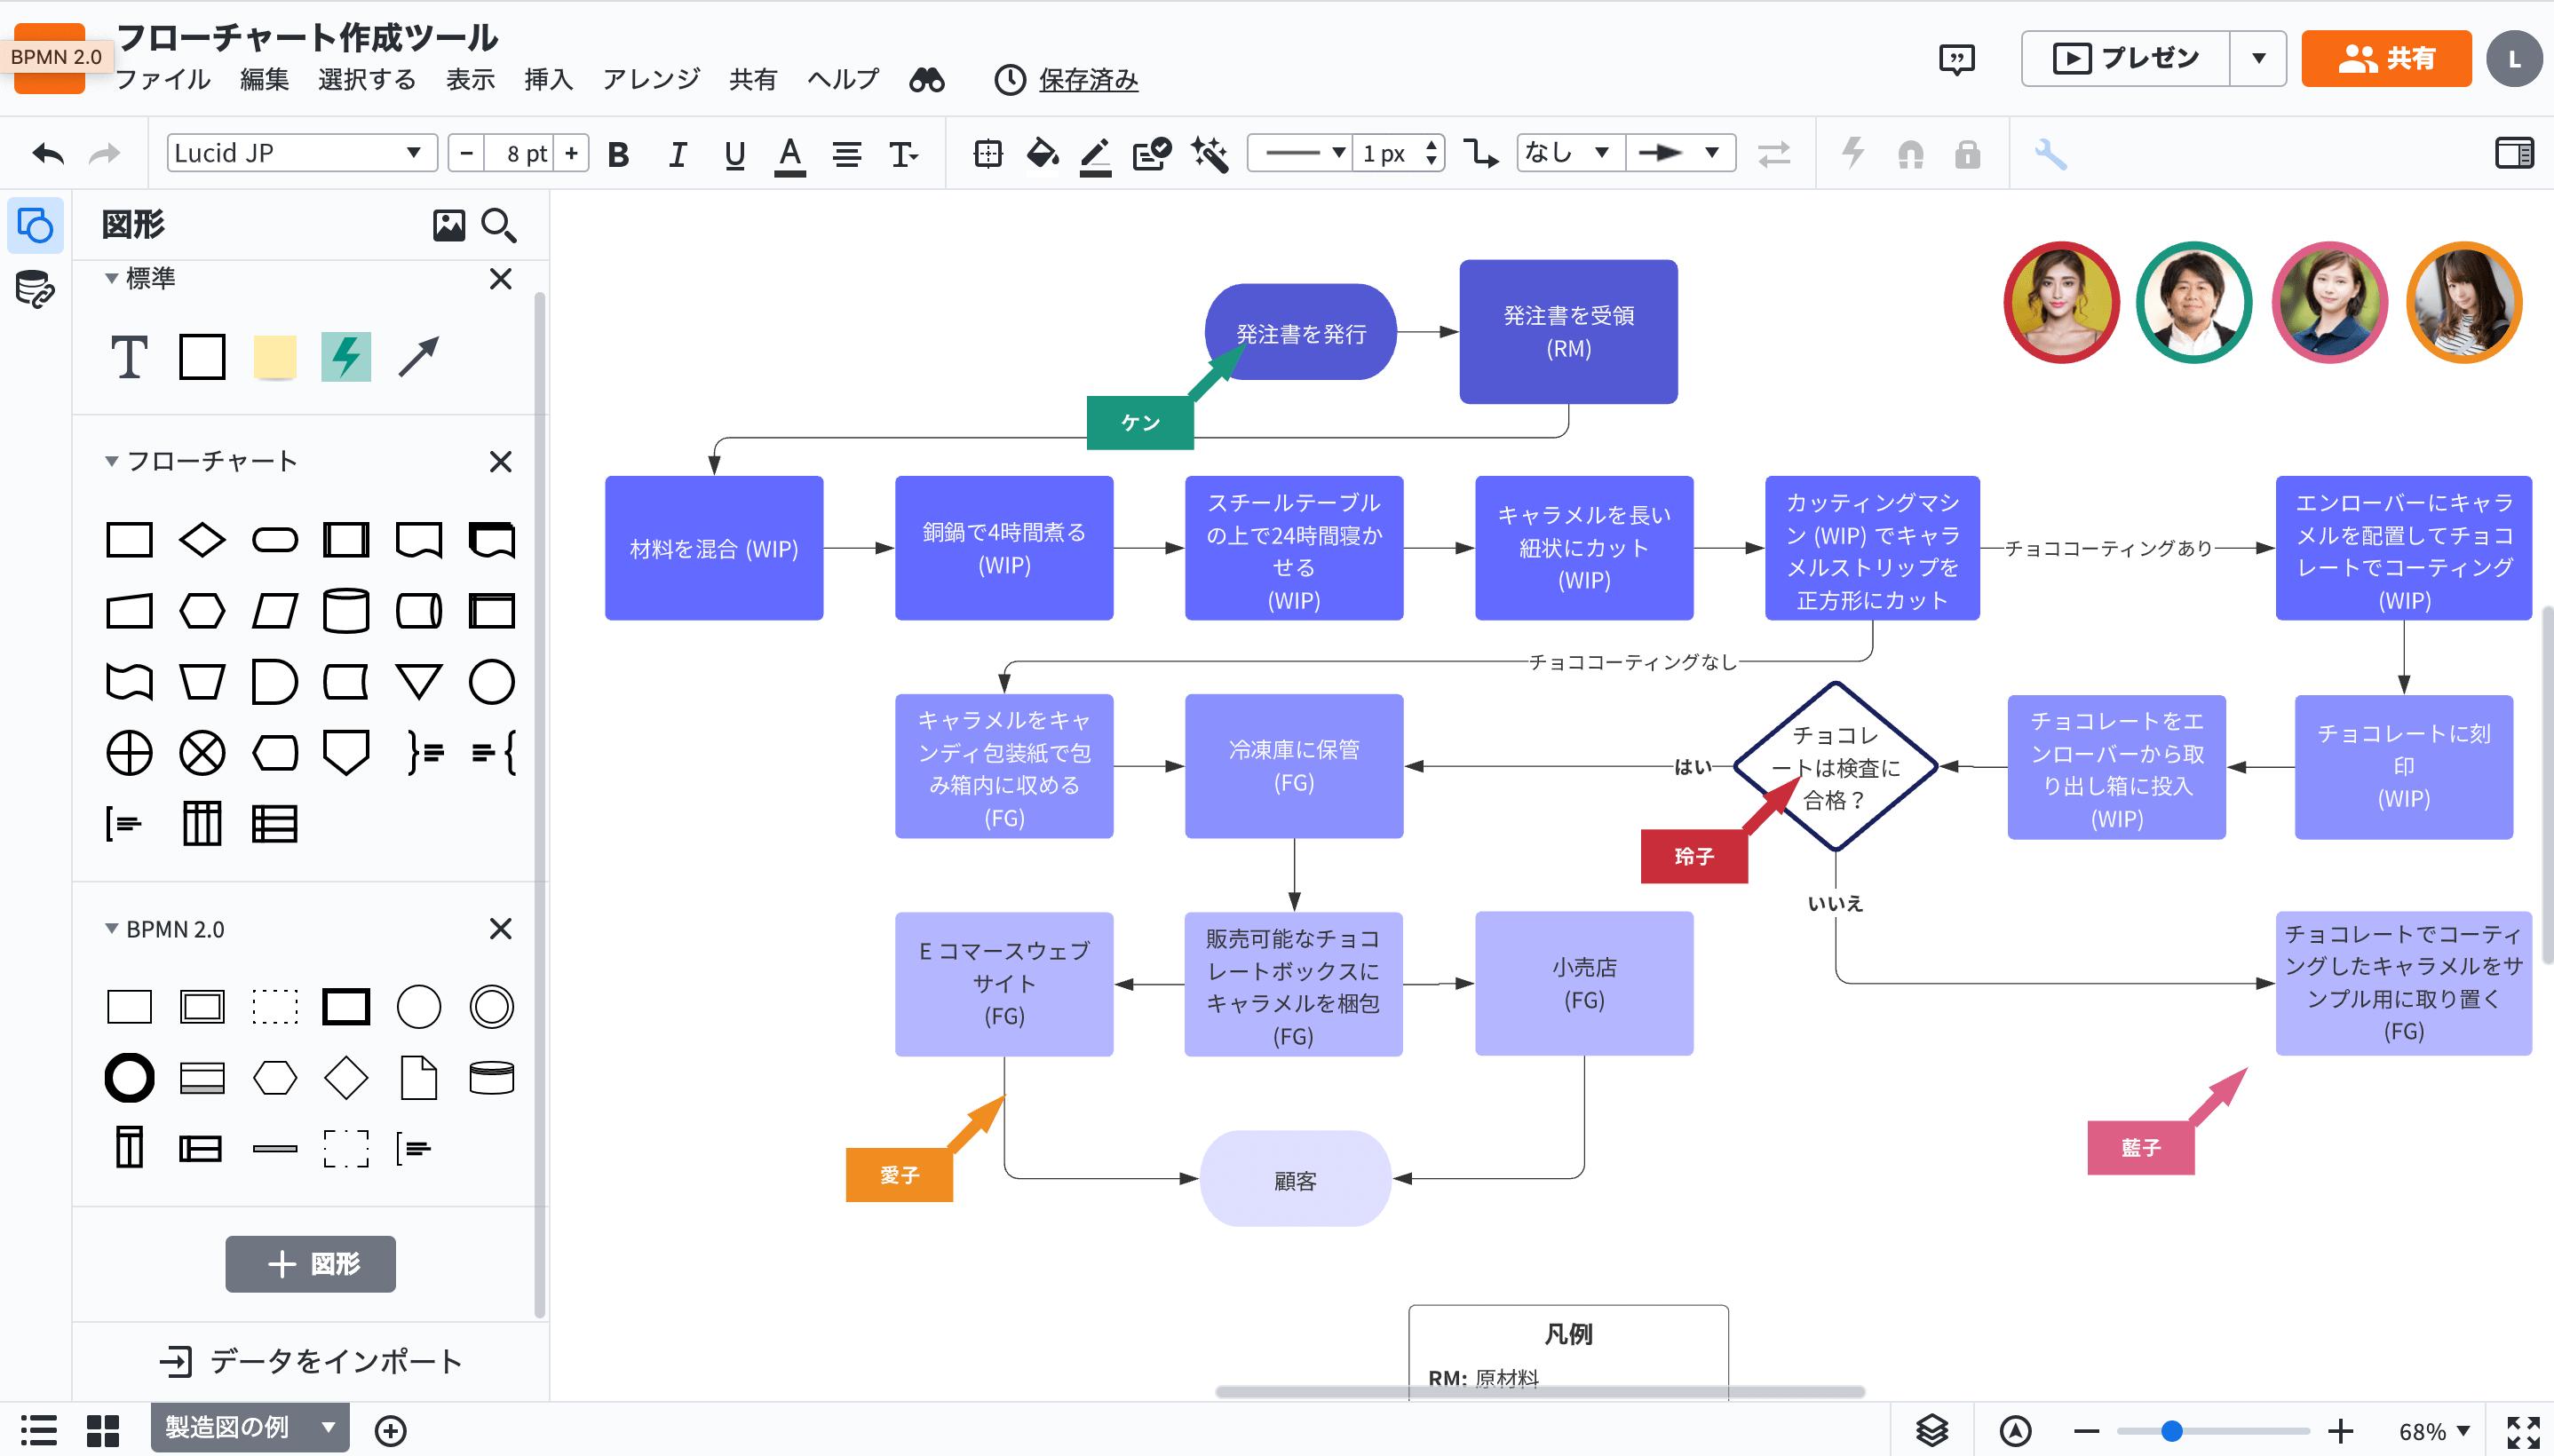 フローチャート記号&種類と表記